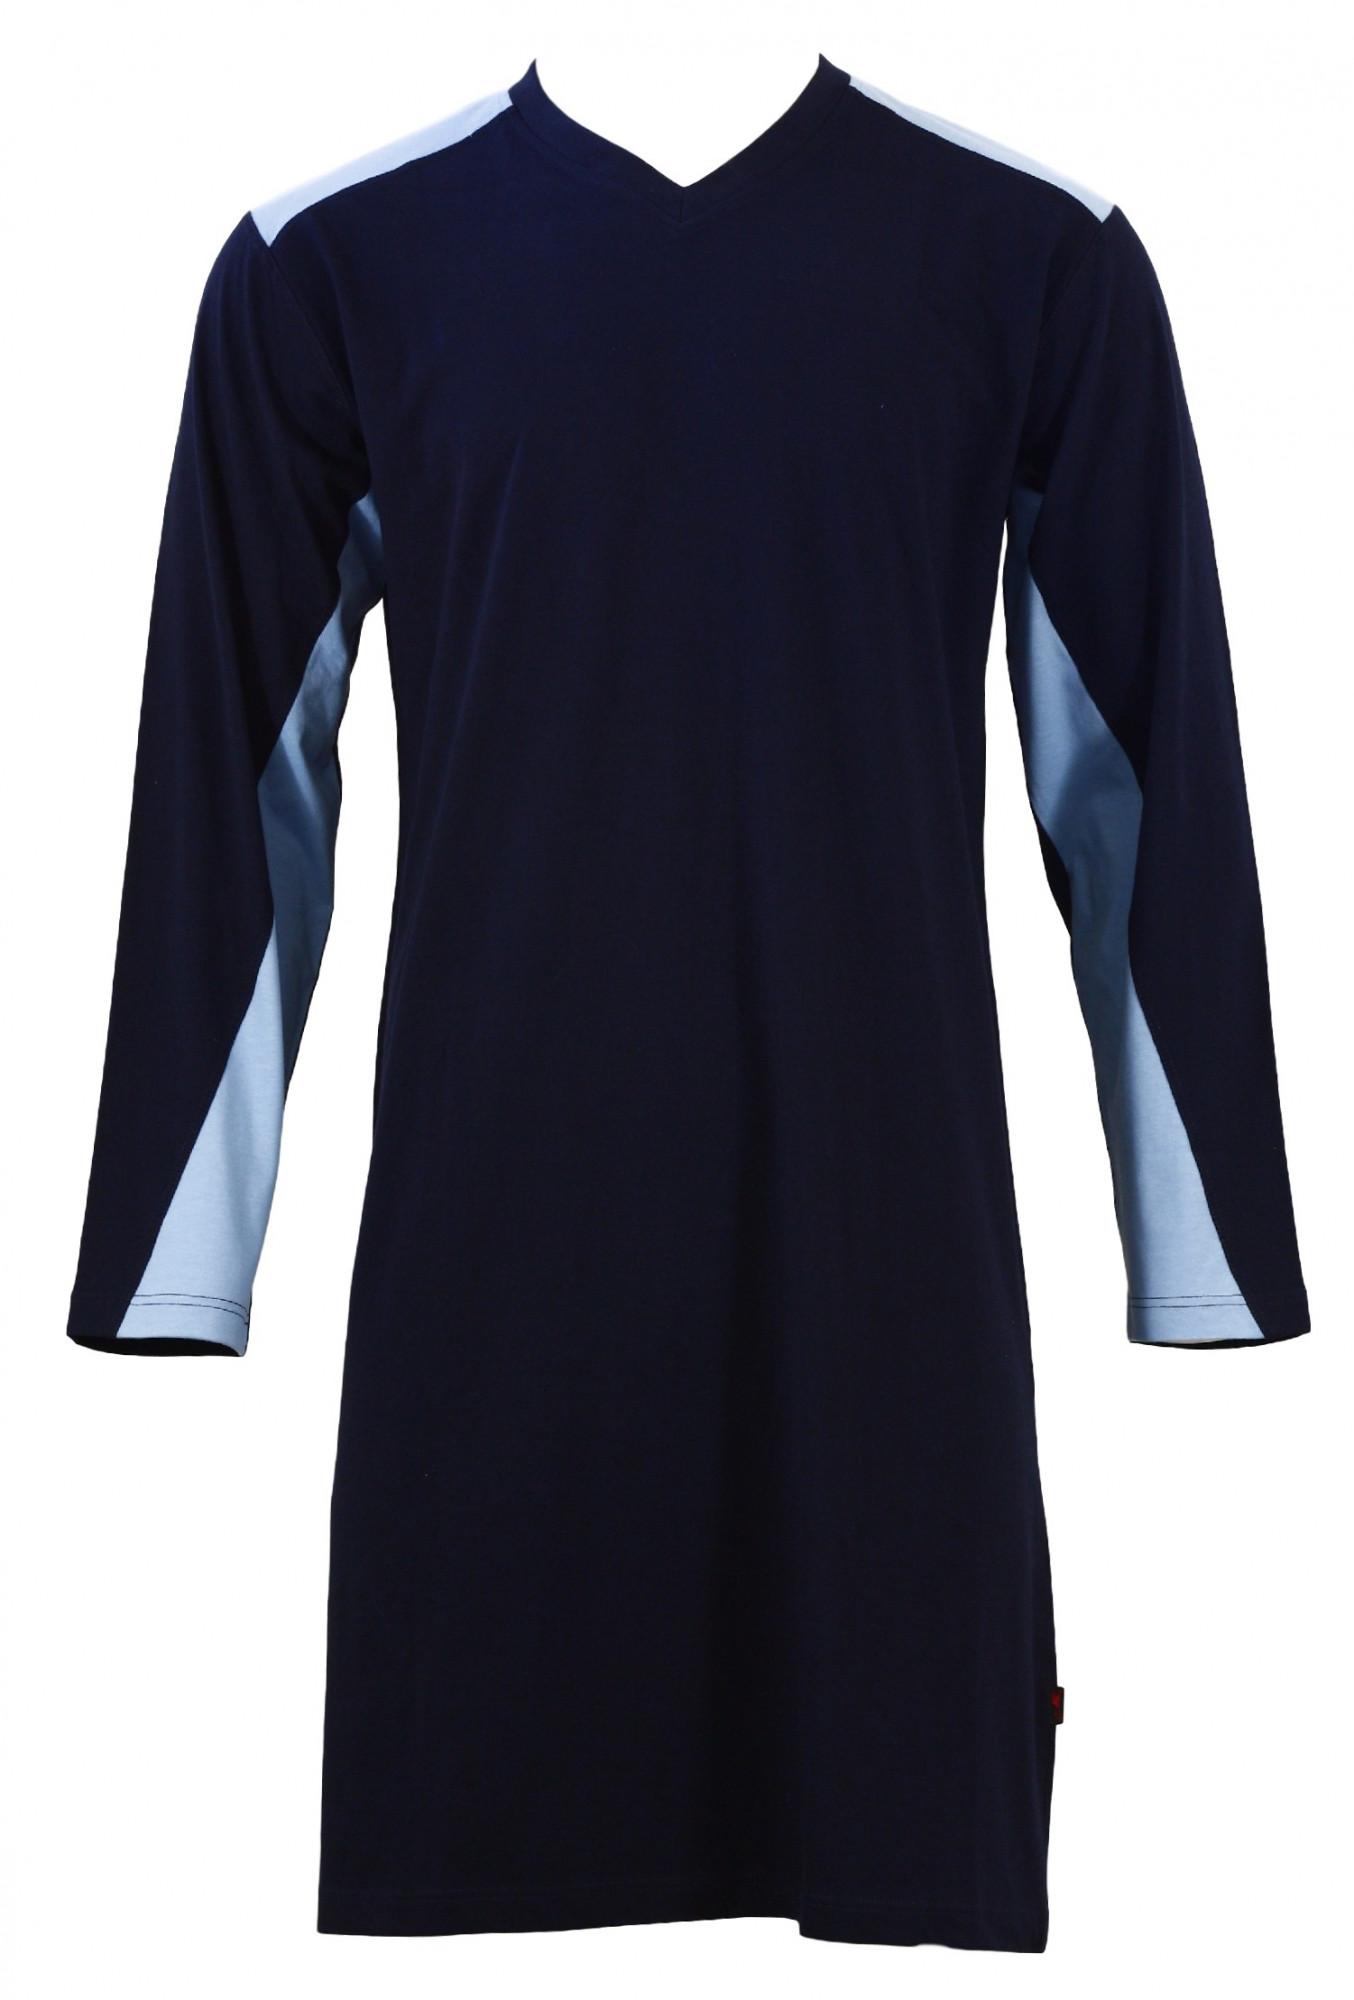 Pánská noční košile Limoa DR - Favab Barva: modrá, Velikost: L